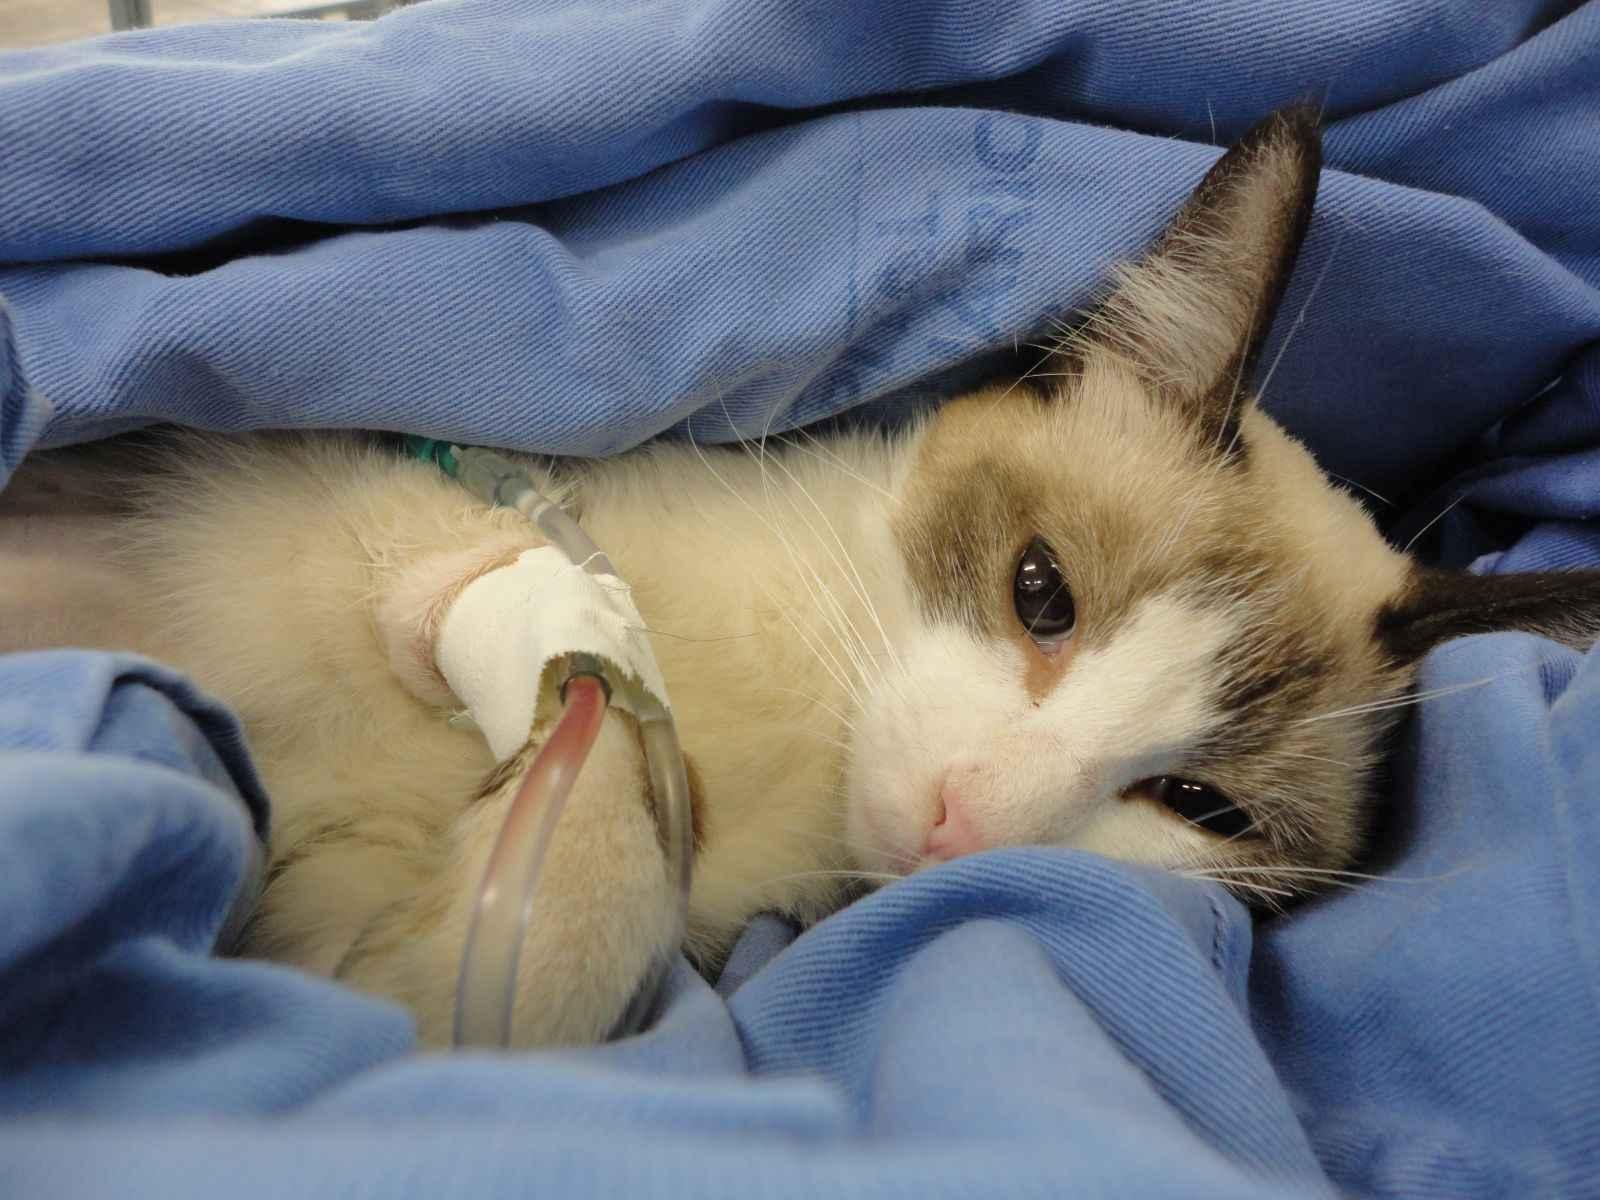 Animais serão castrados no Hospital Veterinário da UFMG